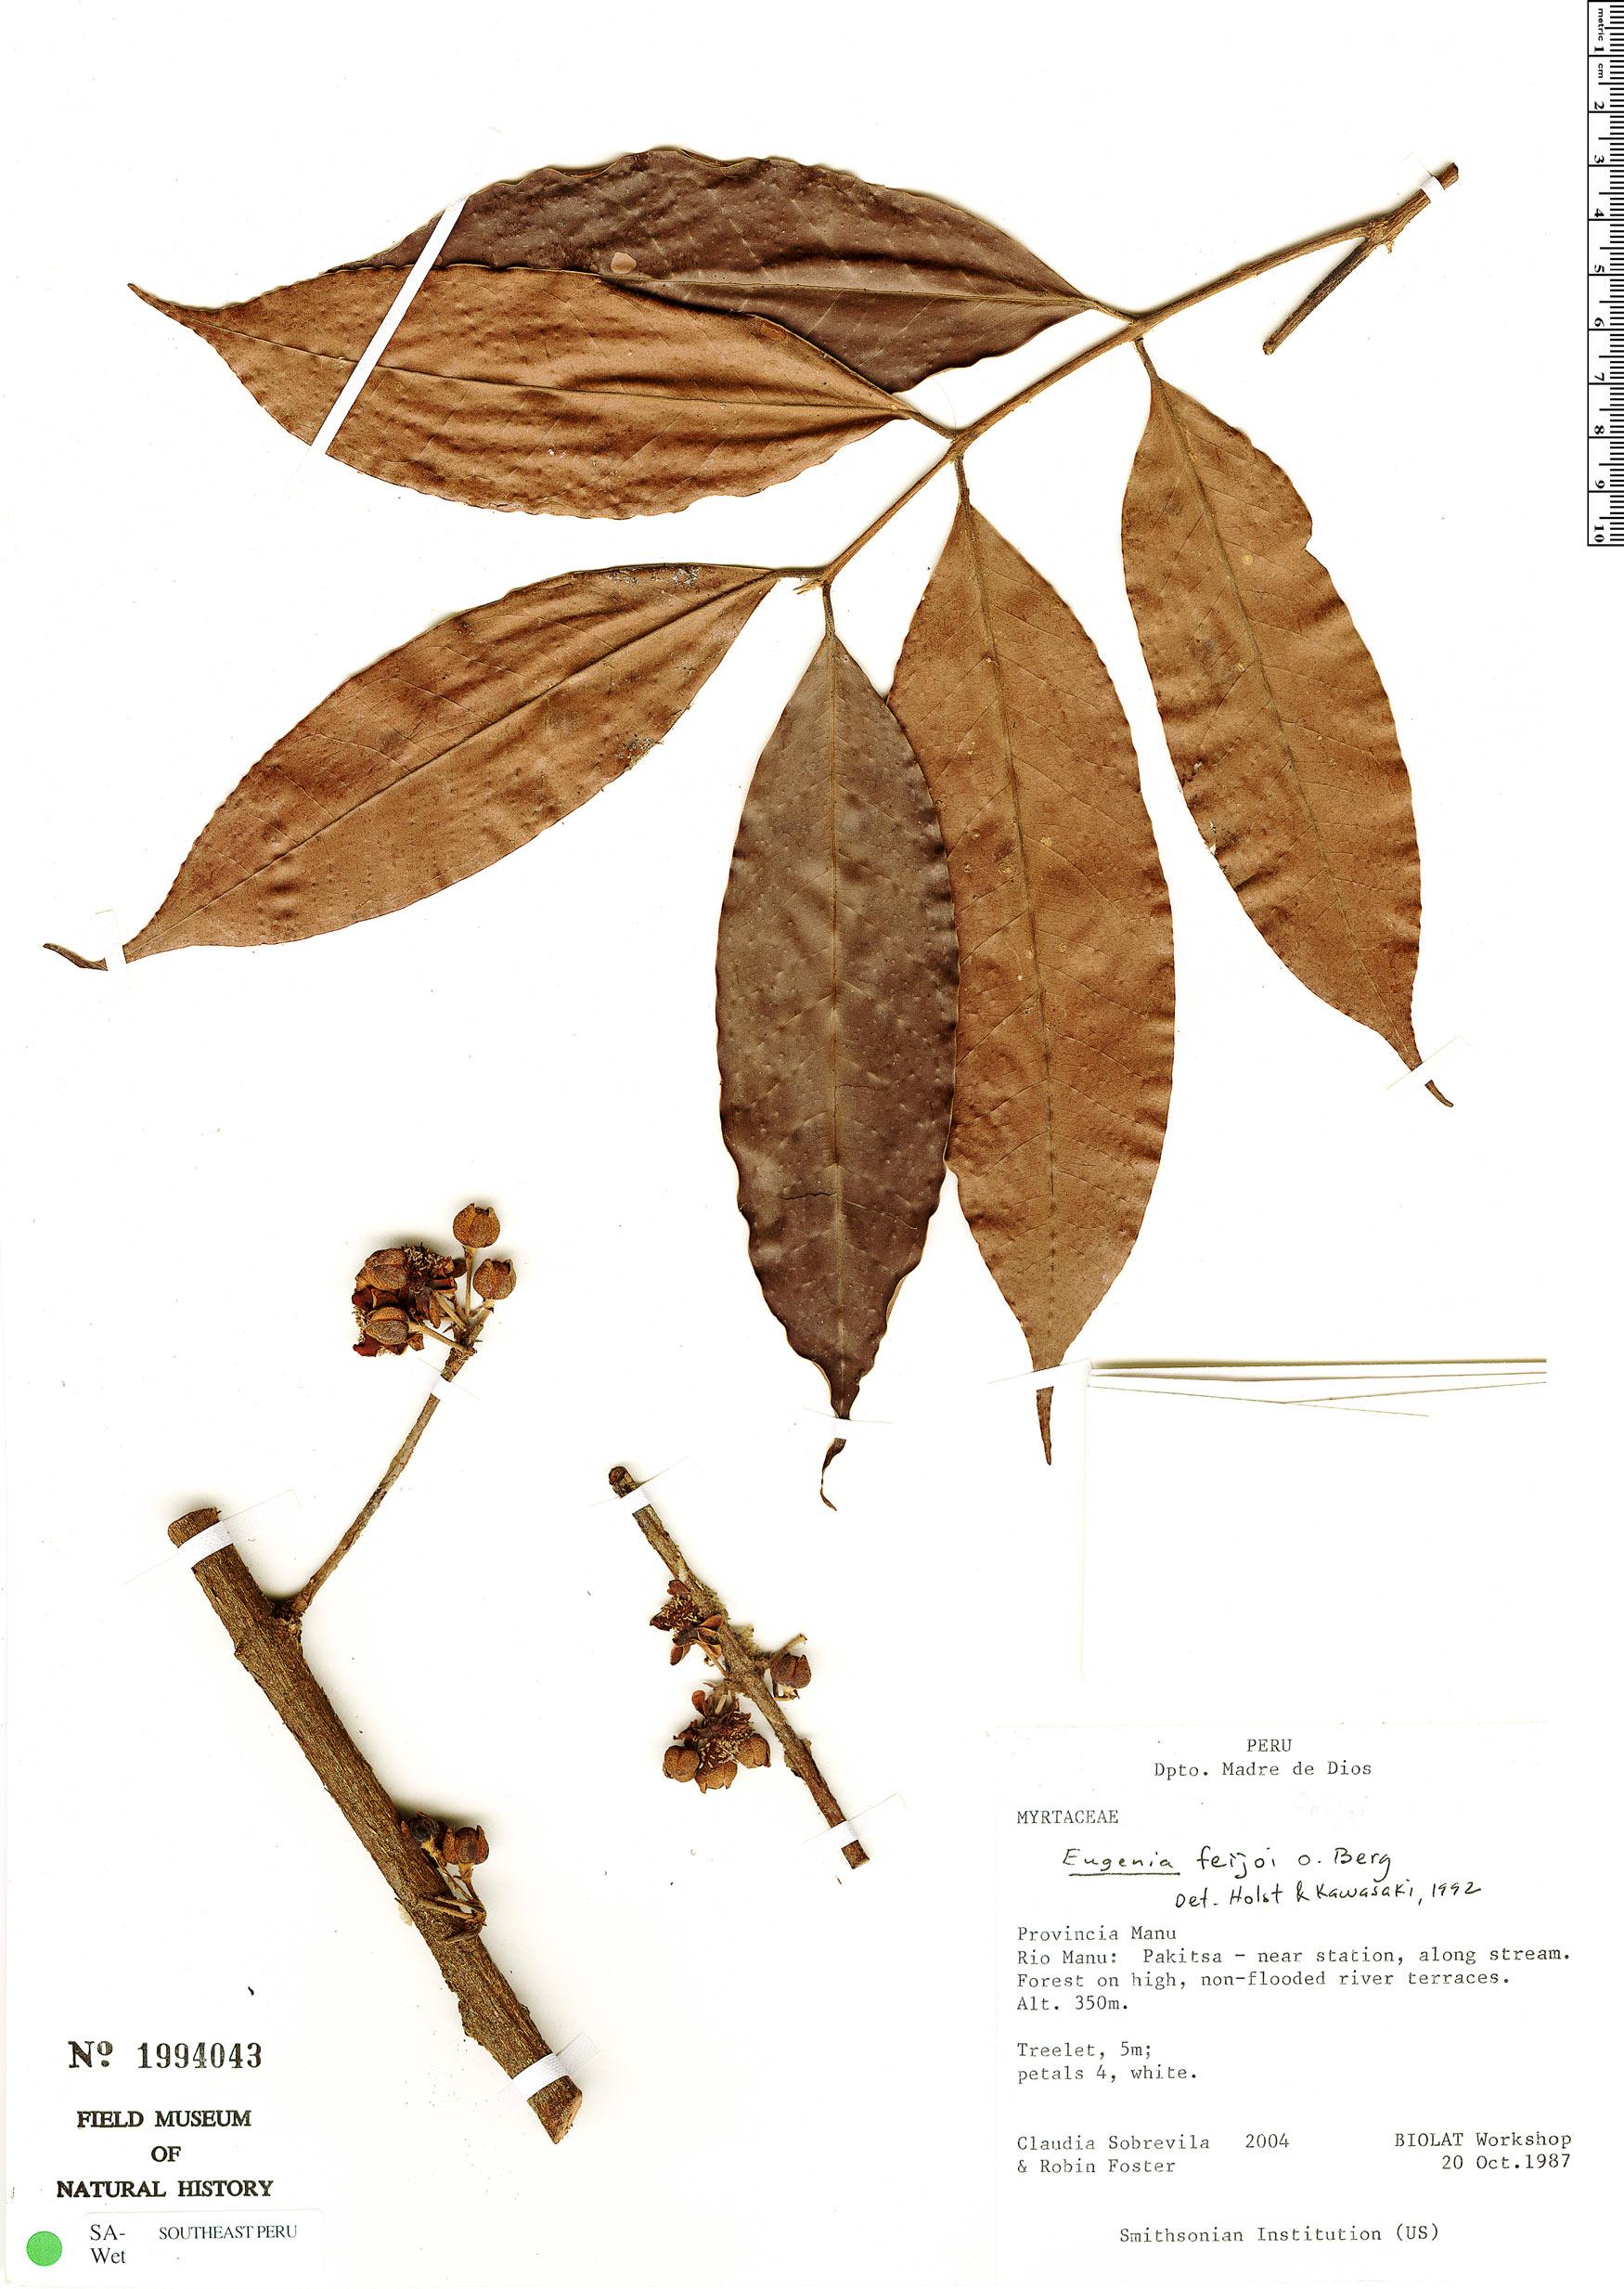 Specimen: Eugenia feijoi